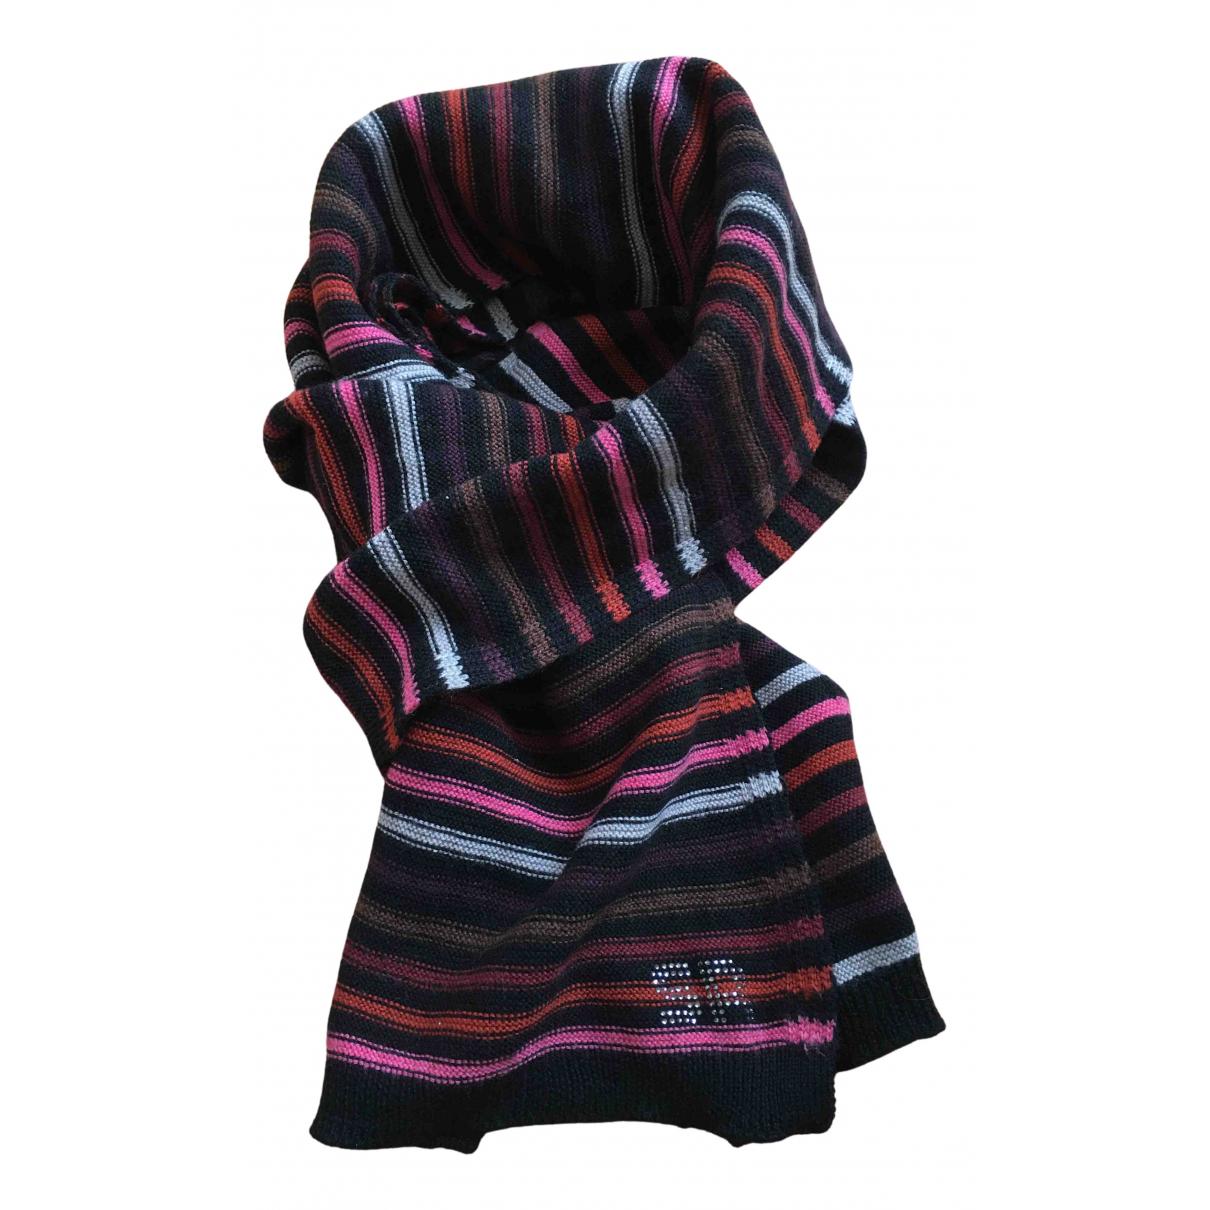 Sonia Rykiel - Foulard   pour femme en laine - multicolore